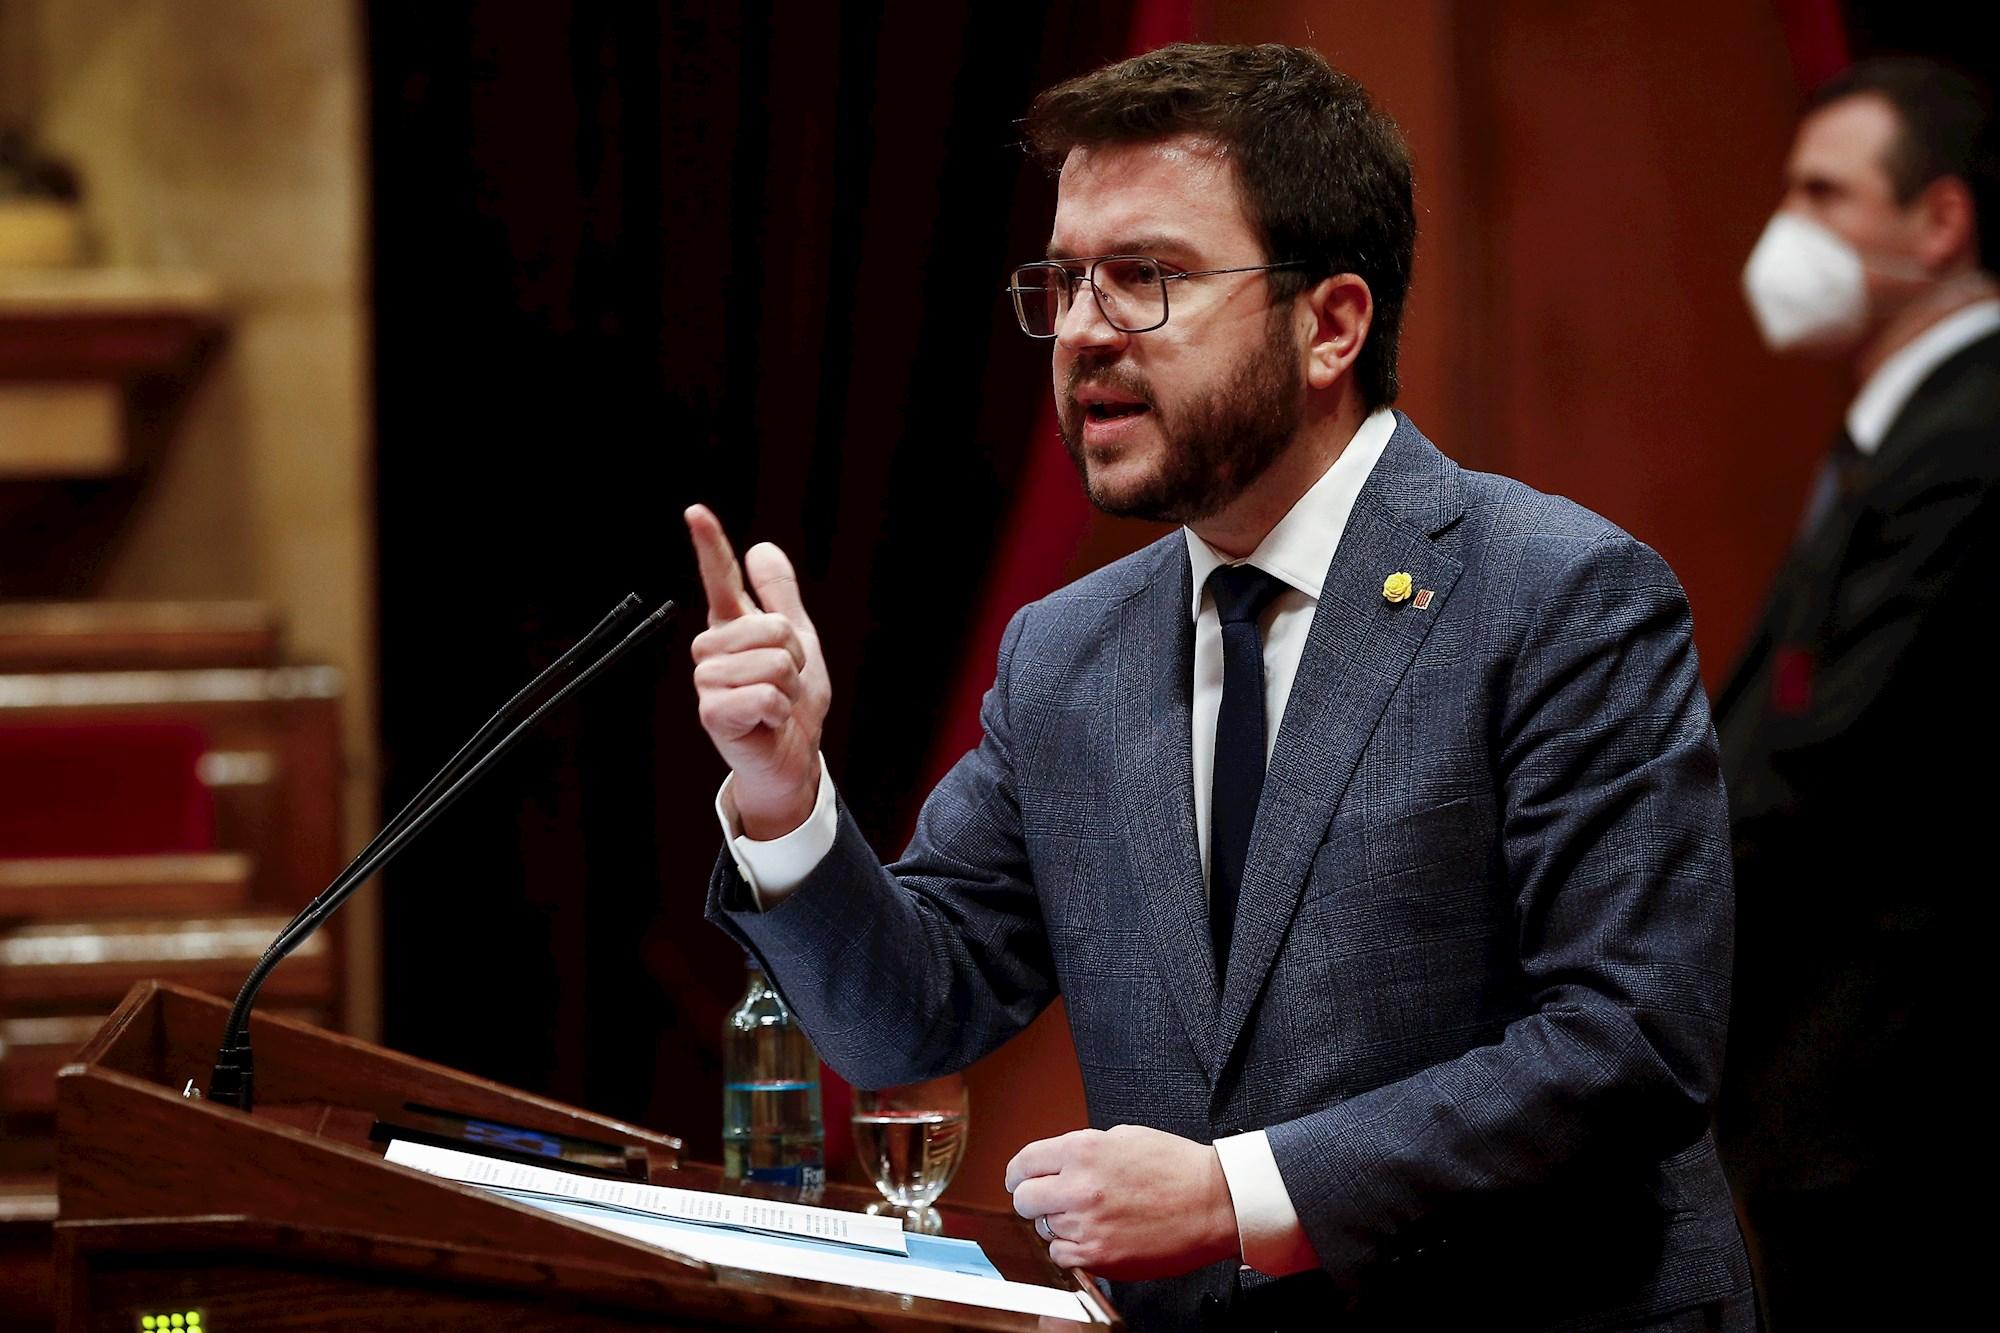 El vicepresidente del Govern en funciones de presidente, Pere Aragonès, durante una intervención ante la diputación permanente del Parlament, el 20 de enero de 2021 | EFE/QG